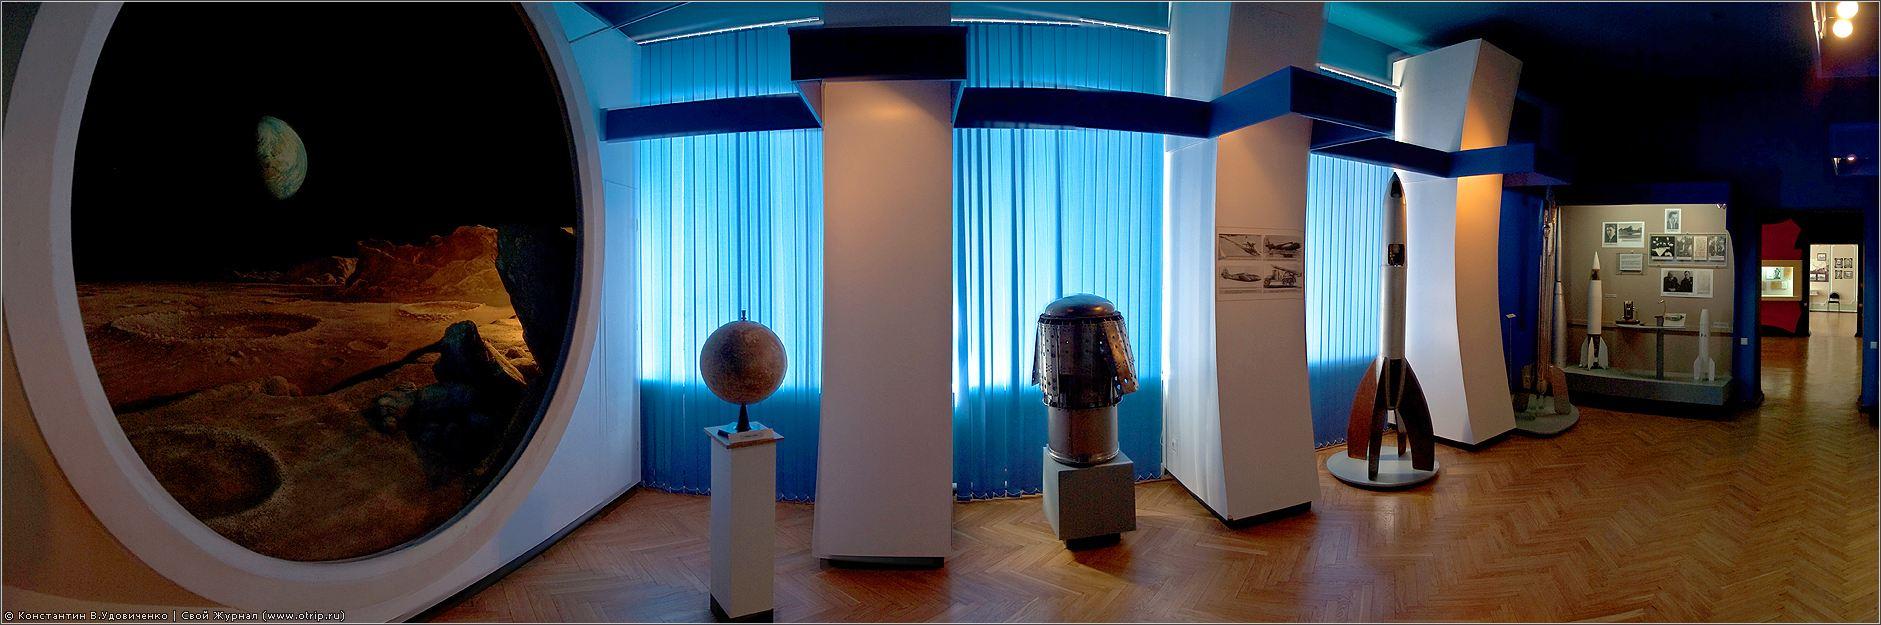 8229-8418x3127s_2.jpg - Музей К.Э.Циолковского, с.Ижевское (10.04.2010)